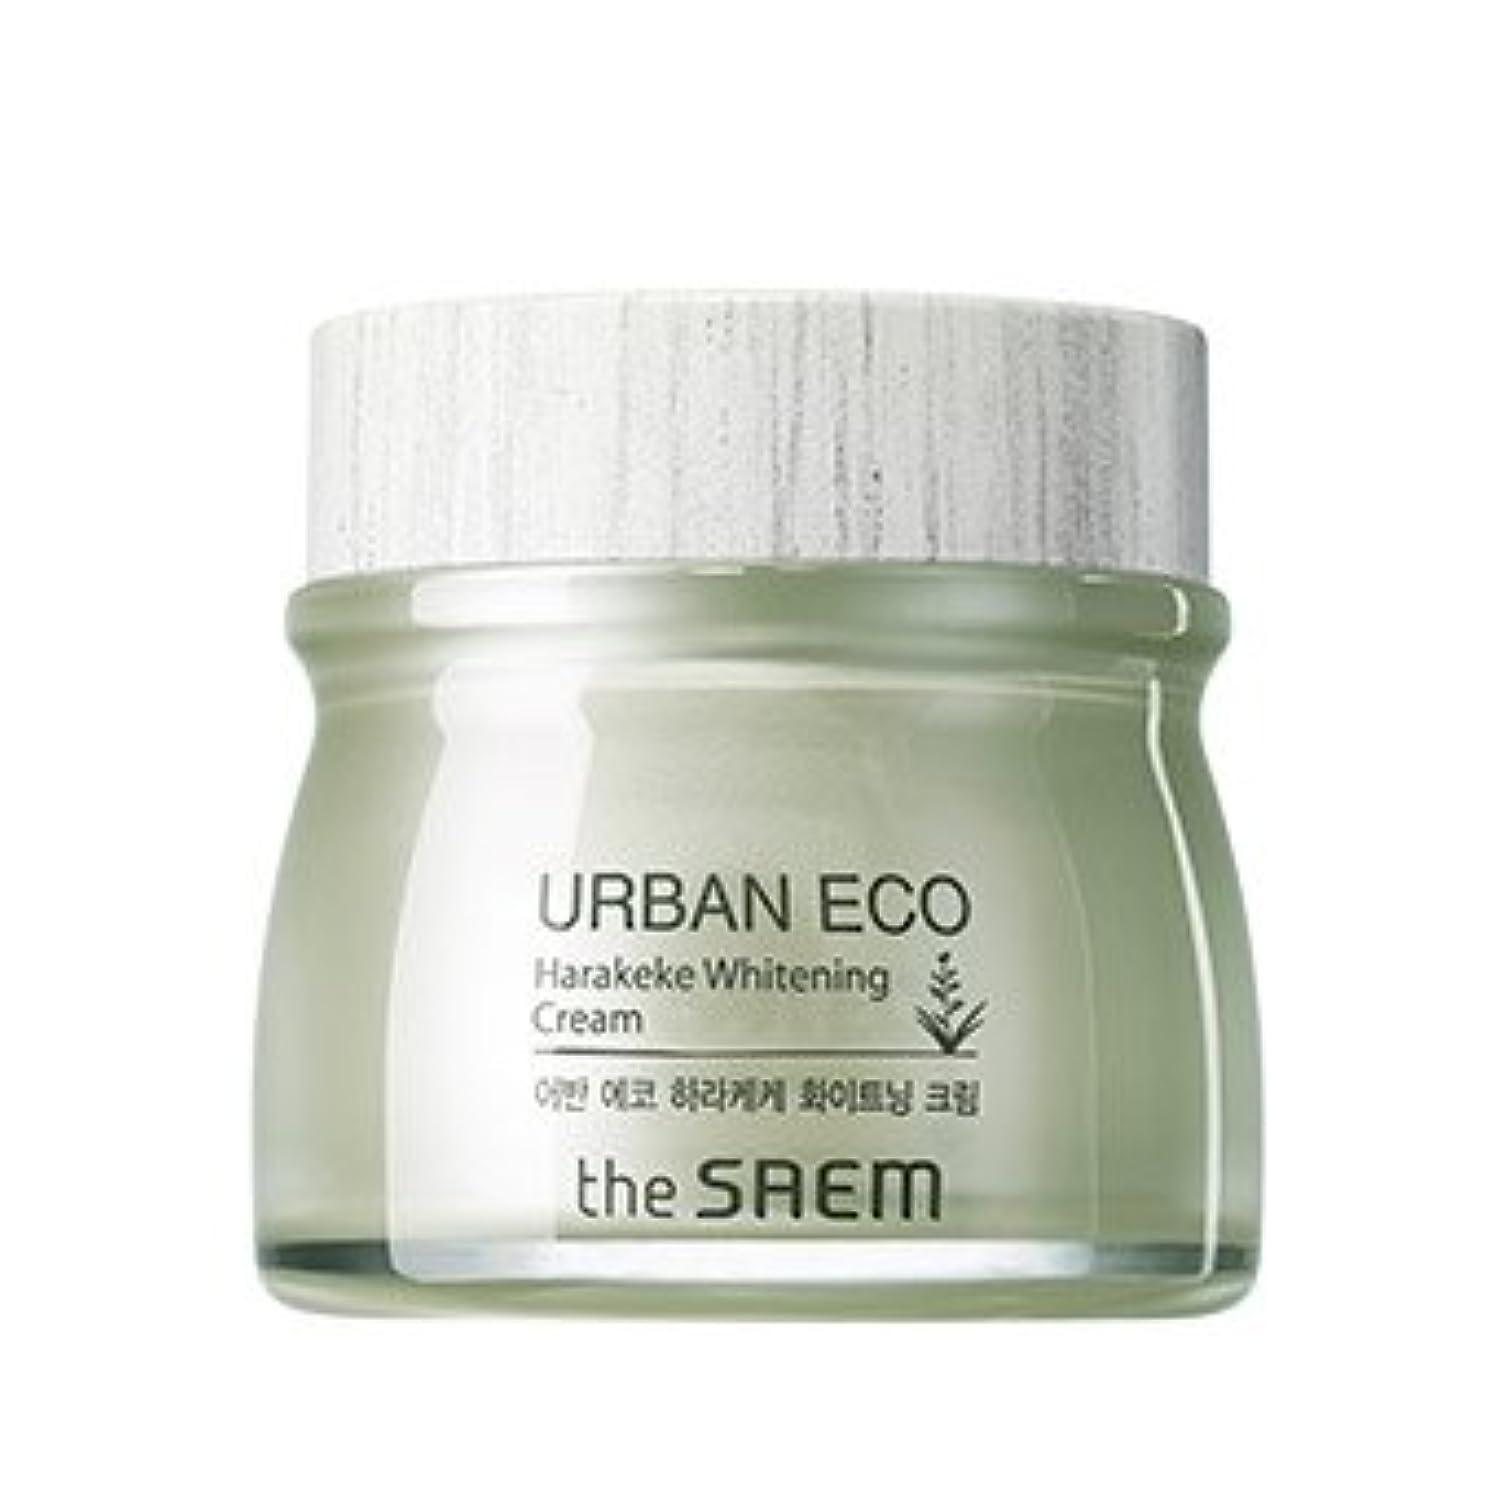 南極長老ミントthe SAEM Urban Eco Harakeke Whitening Cream 60ml/ザセム アーバン エコ ハラケケ ホワイトニング クリーム 60ml